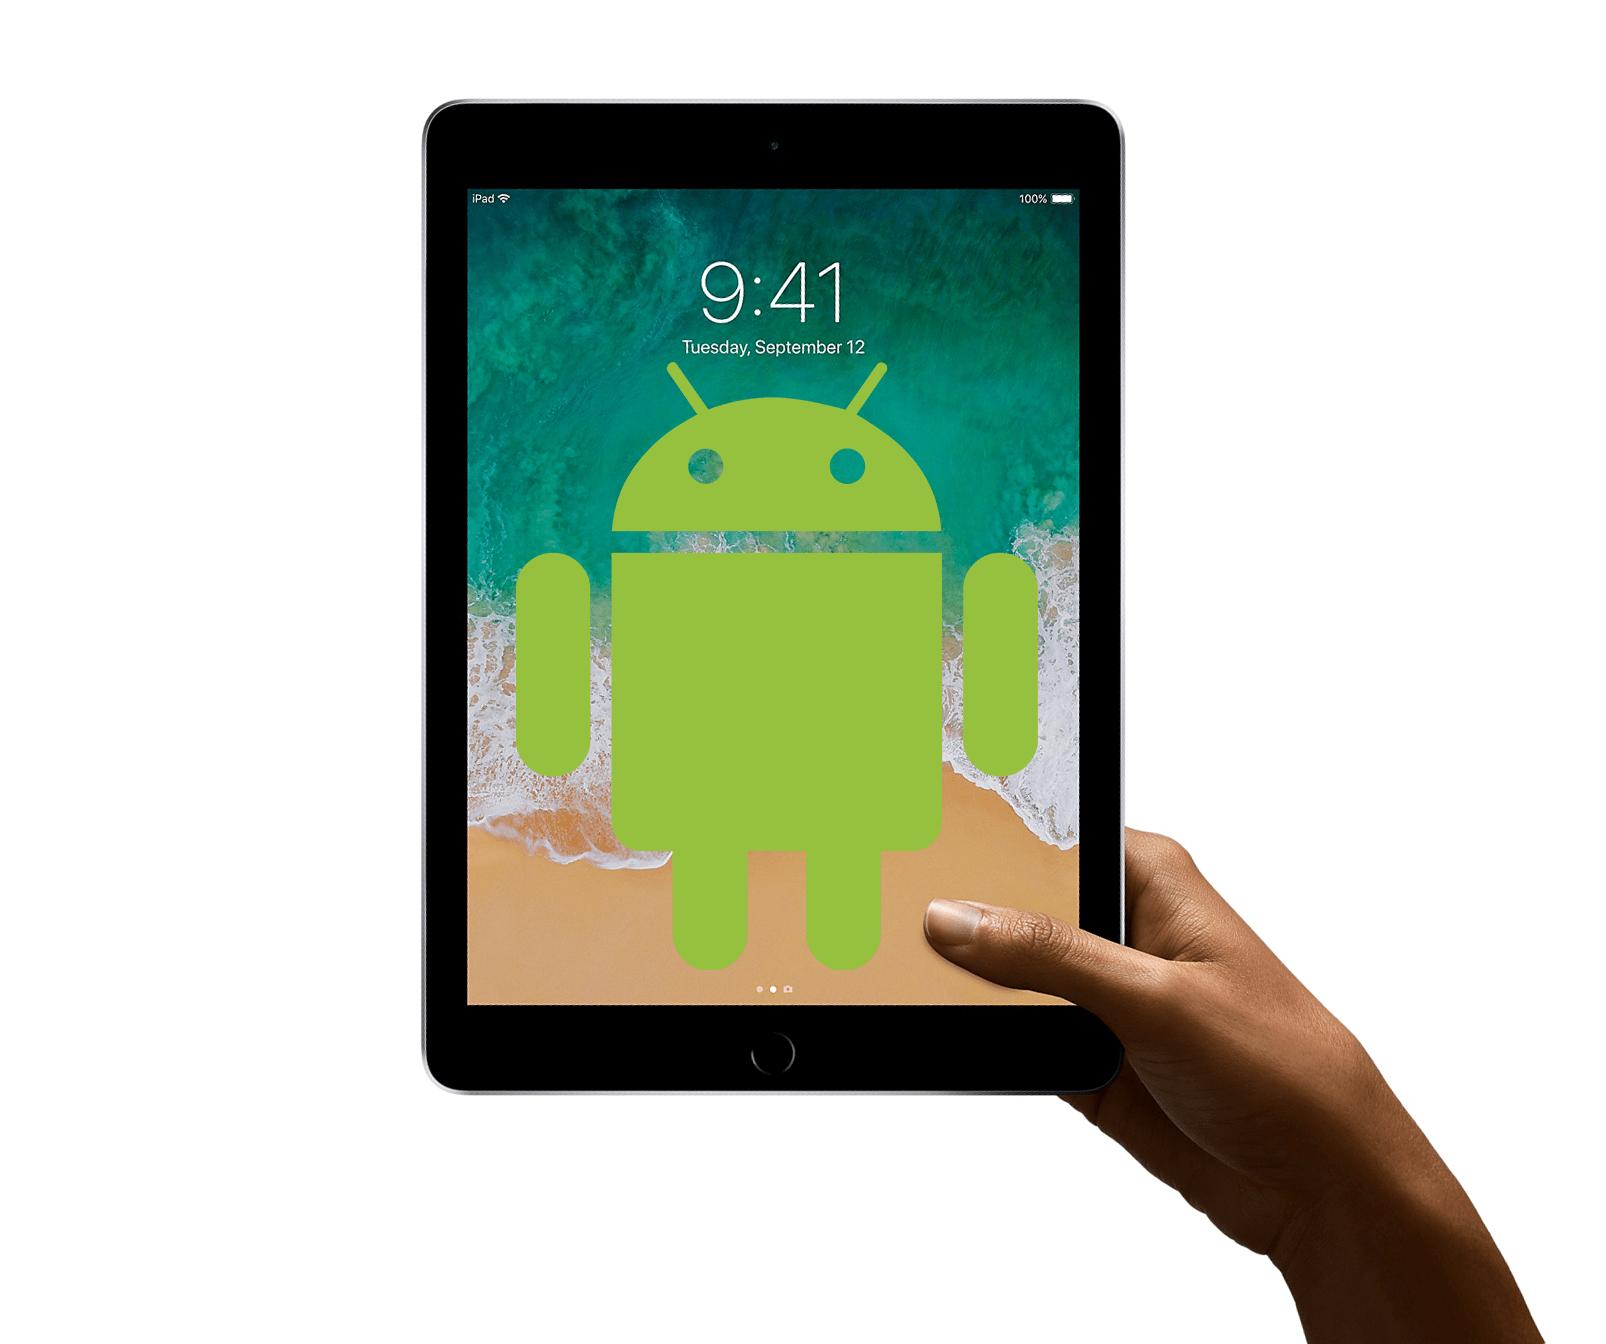 Est-ce que la meilleure tablette Android de 2018 ne serait pas l iPad    Sacrilège ! C est le mot qui me viendrait à l esprit en lisant cette phrase. ac1a105be60c